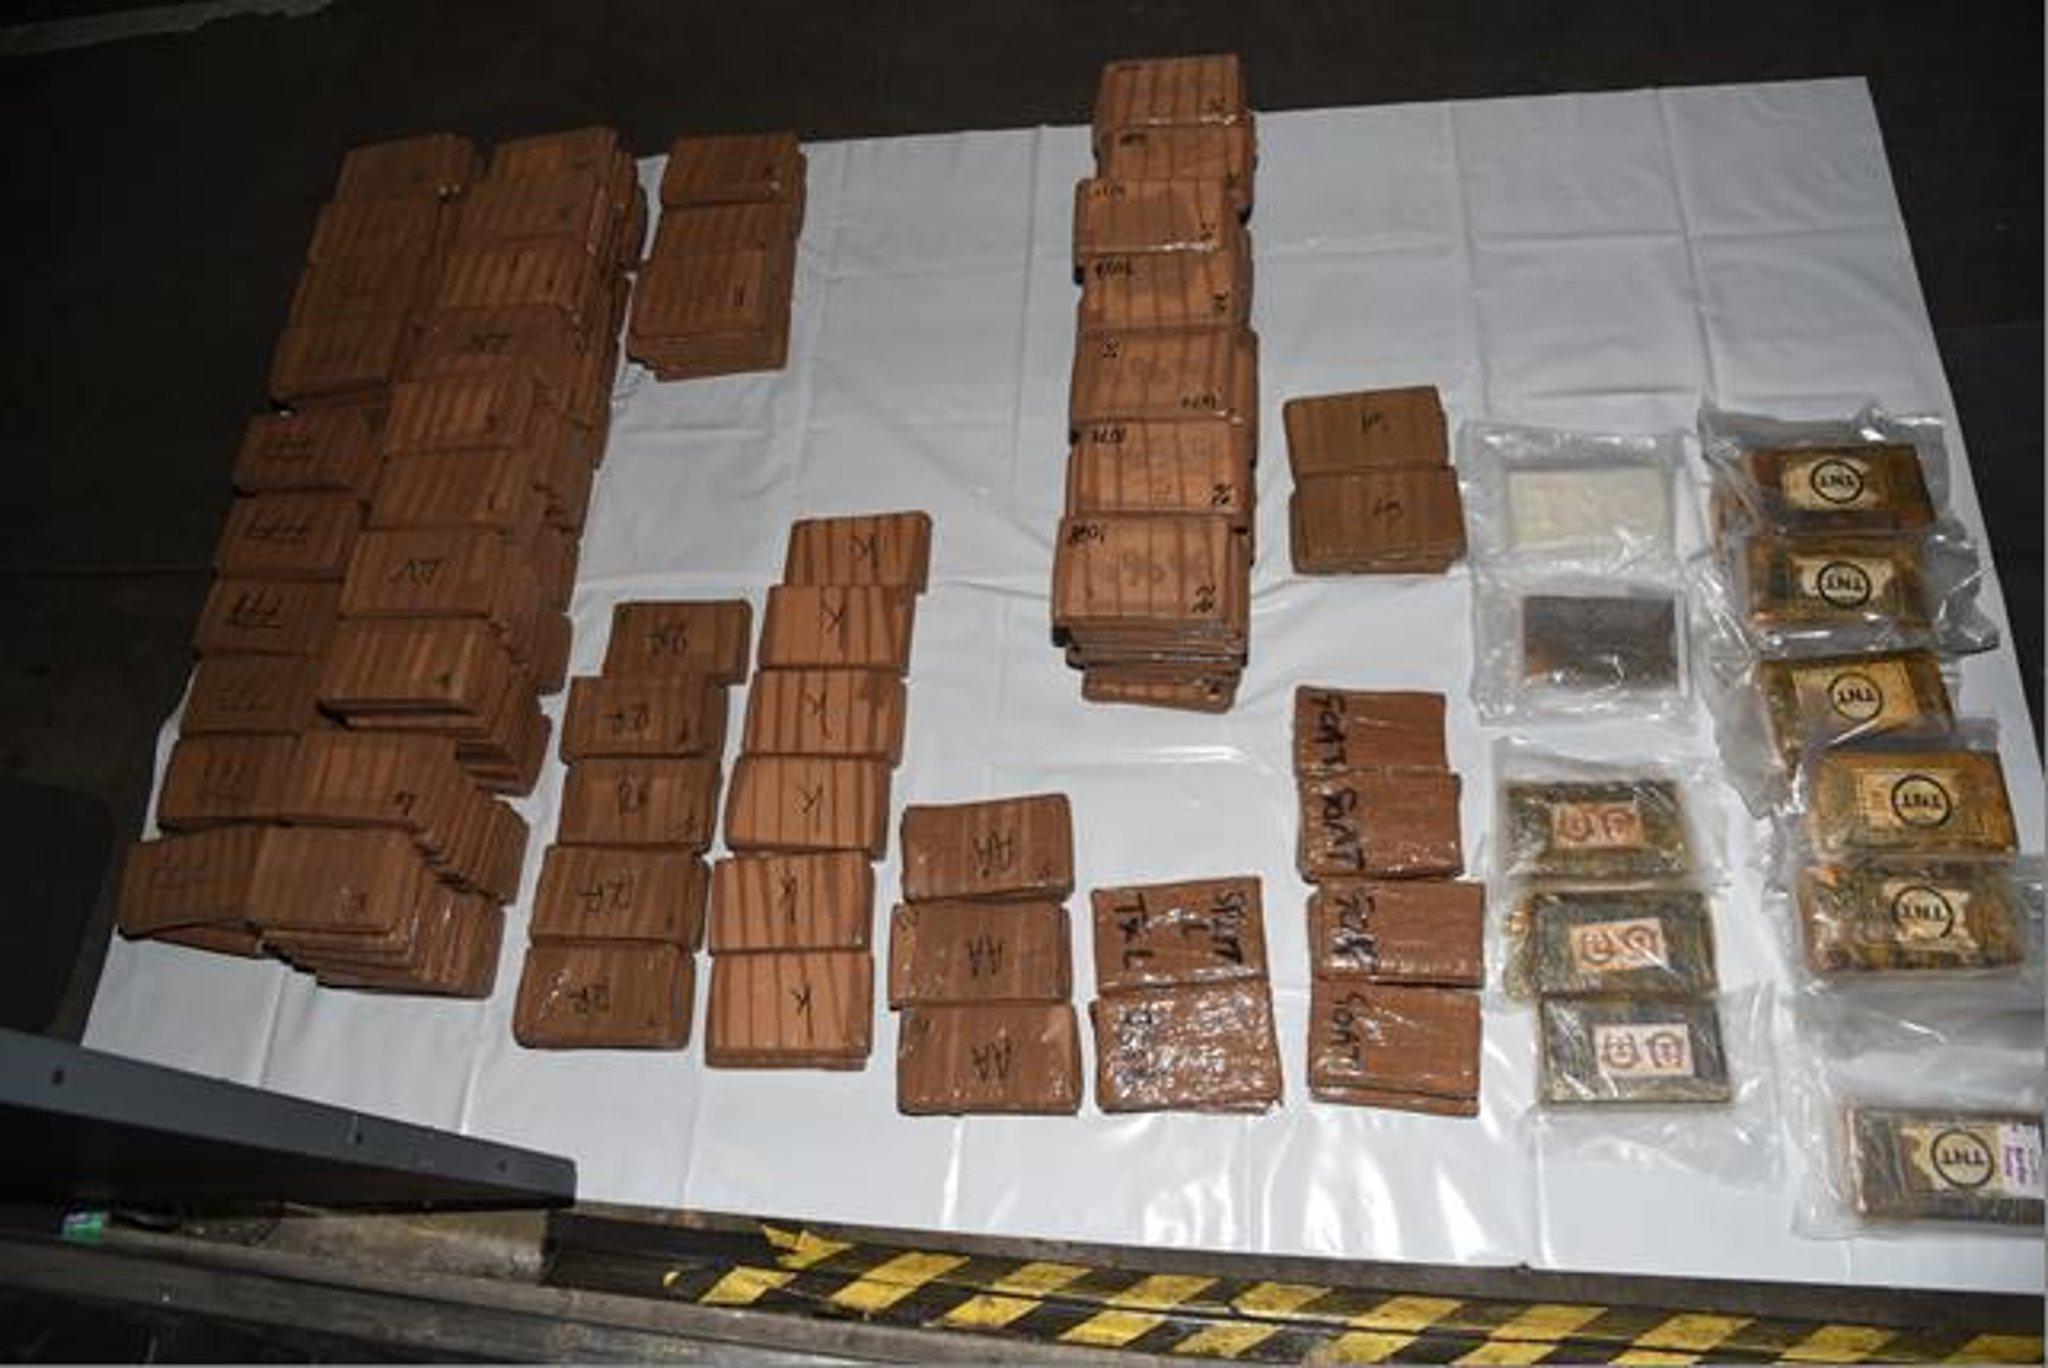 Pria ditangkap di tengah penyelidikan penyelundupan kokain senilai £19 juta di bus